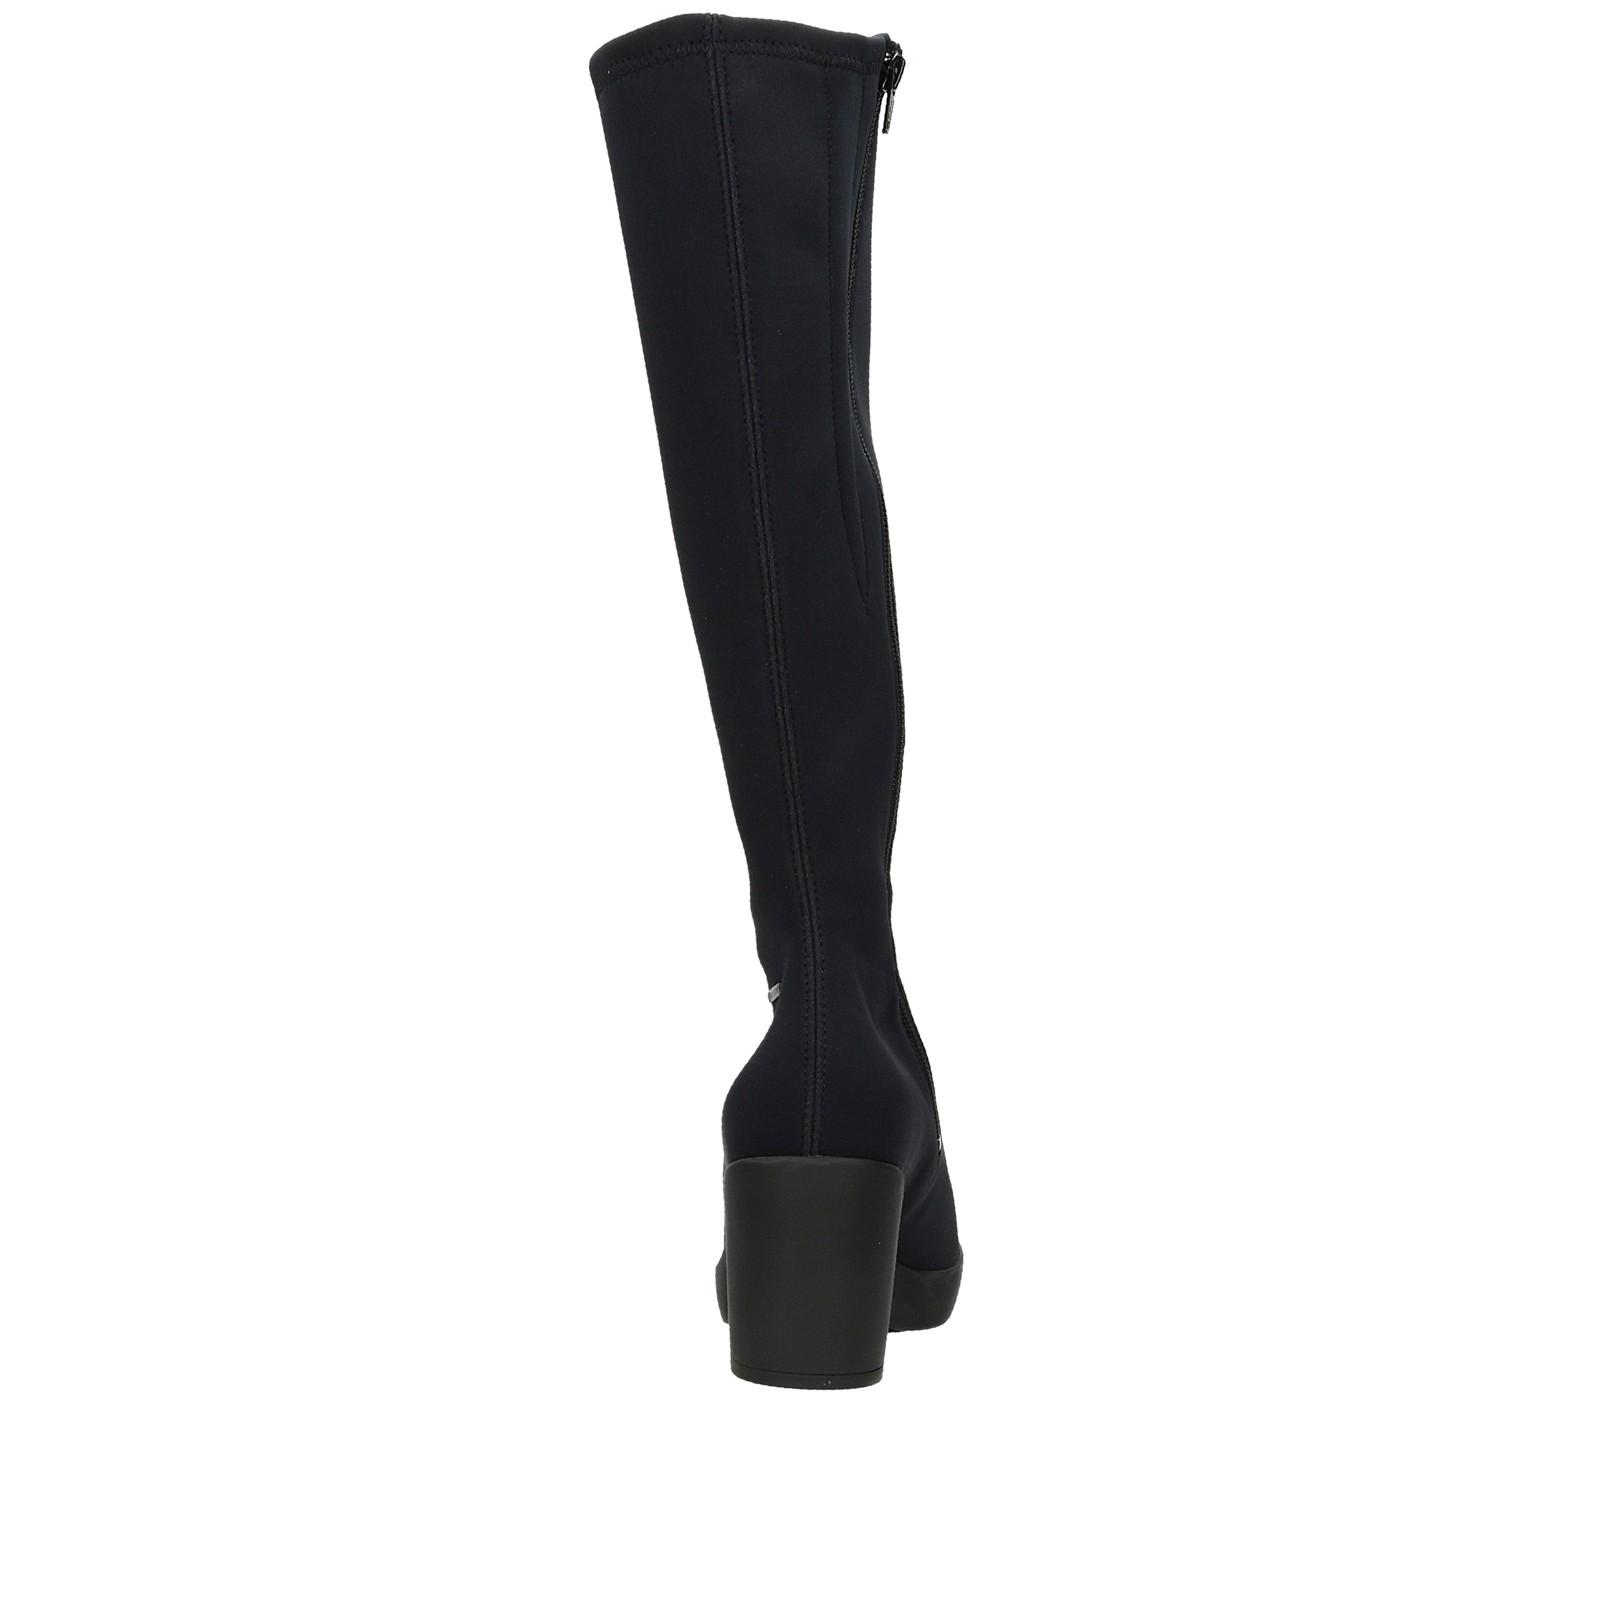 Högl dámske textilné vysoké čižmy - čierne